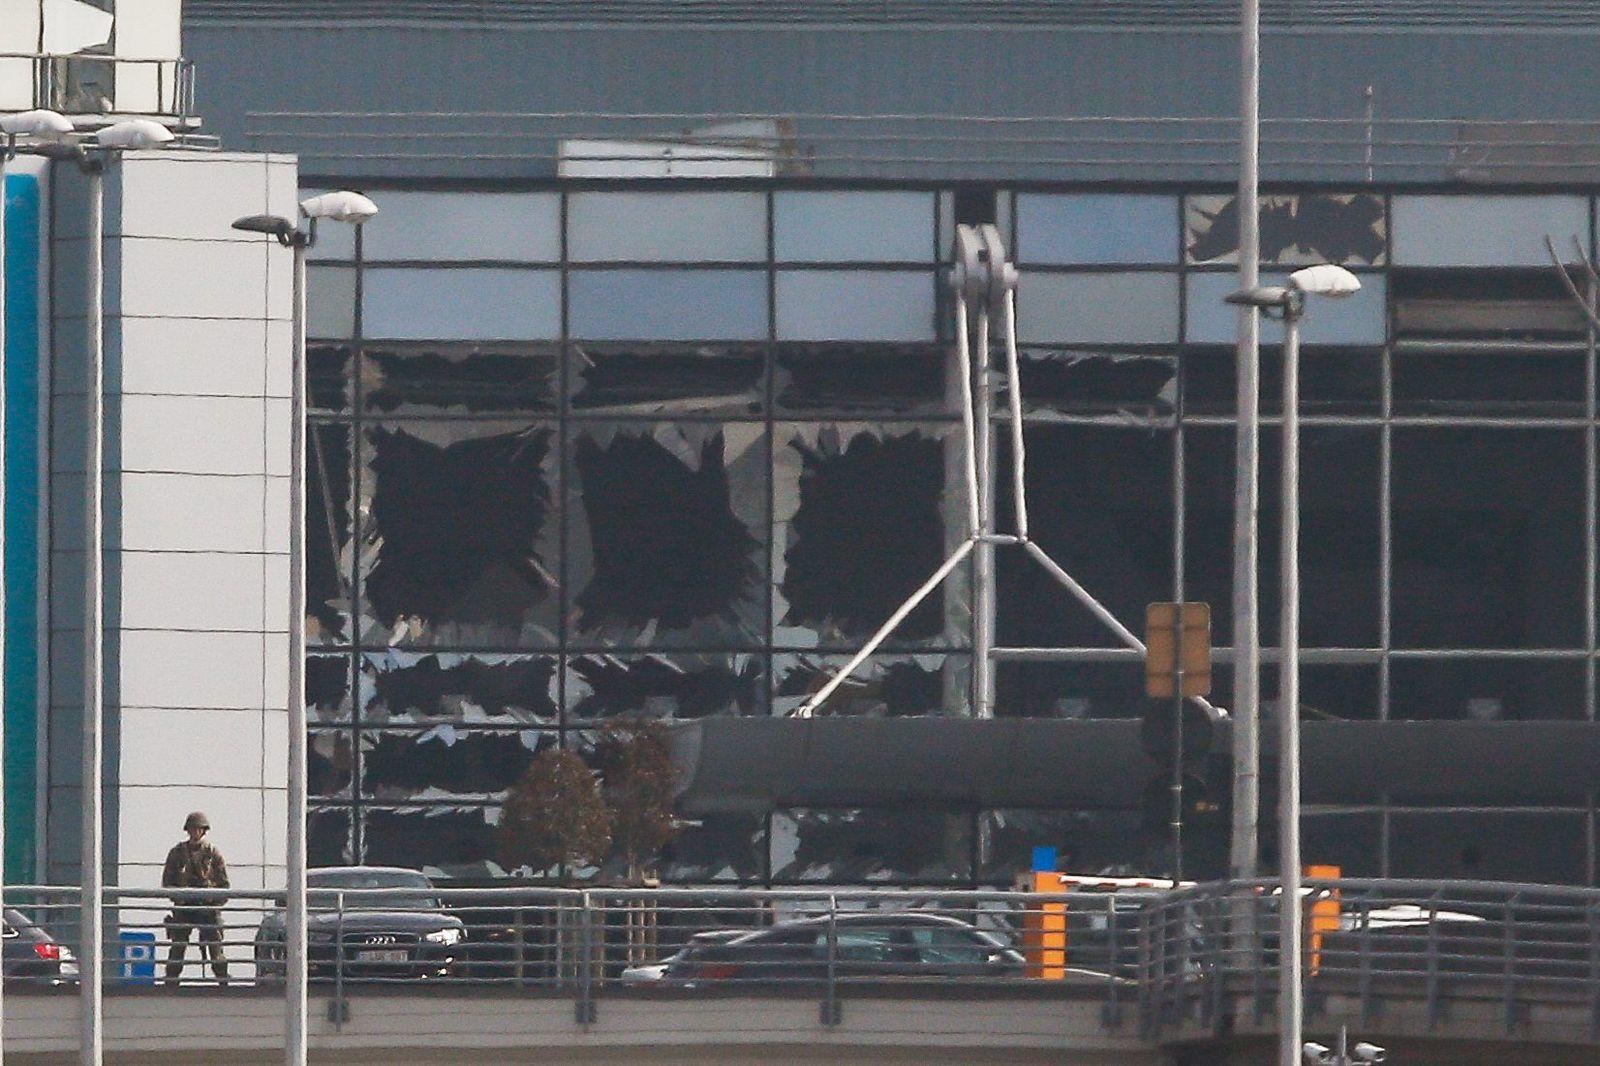 Belgien / Brussels / Flughafen / Zaventem / Anschlag